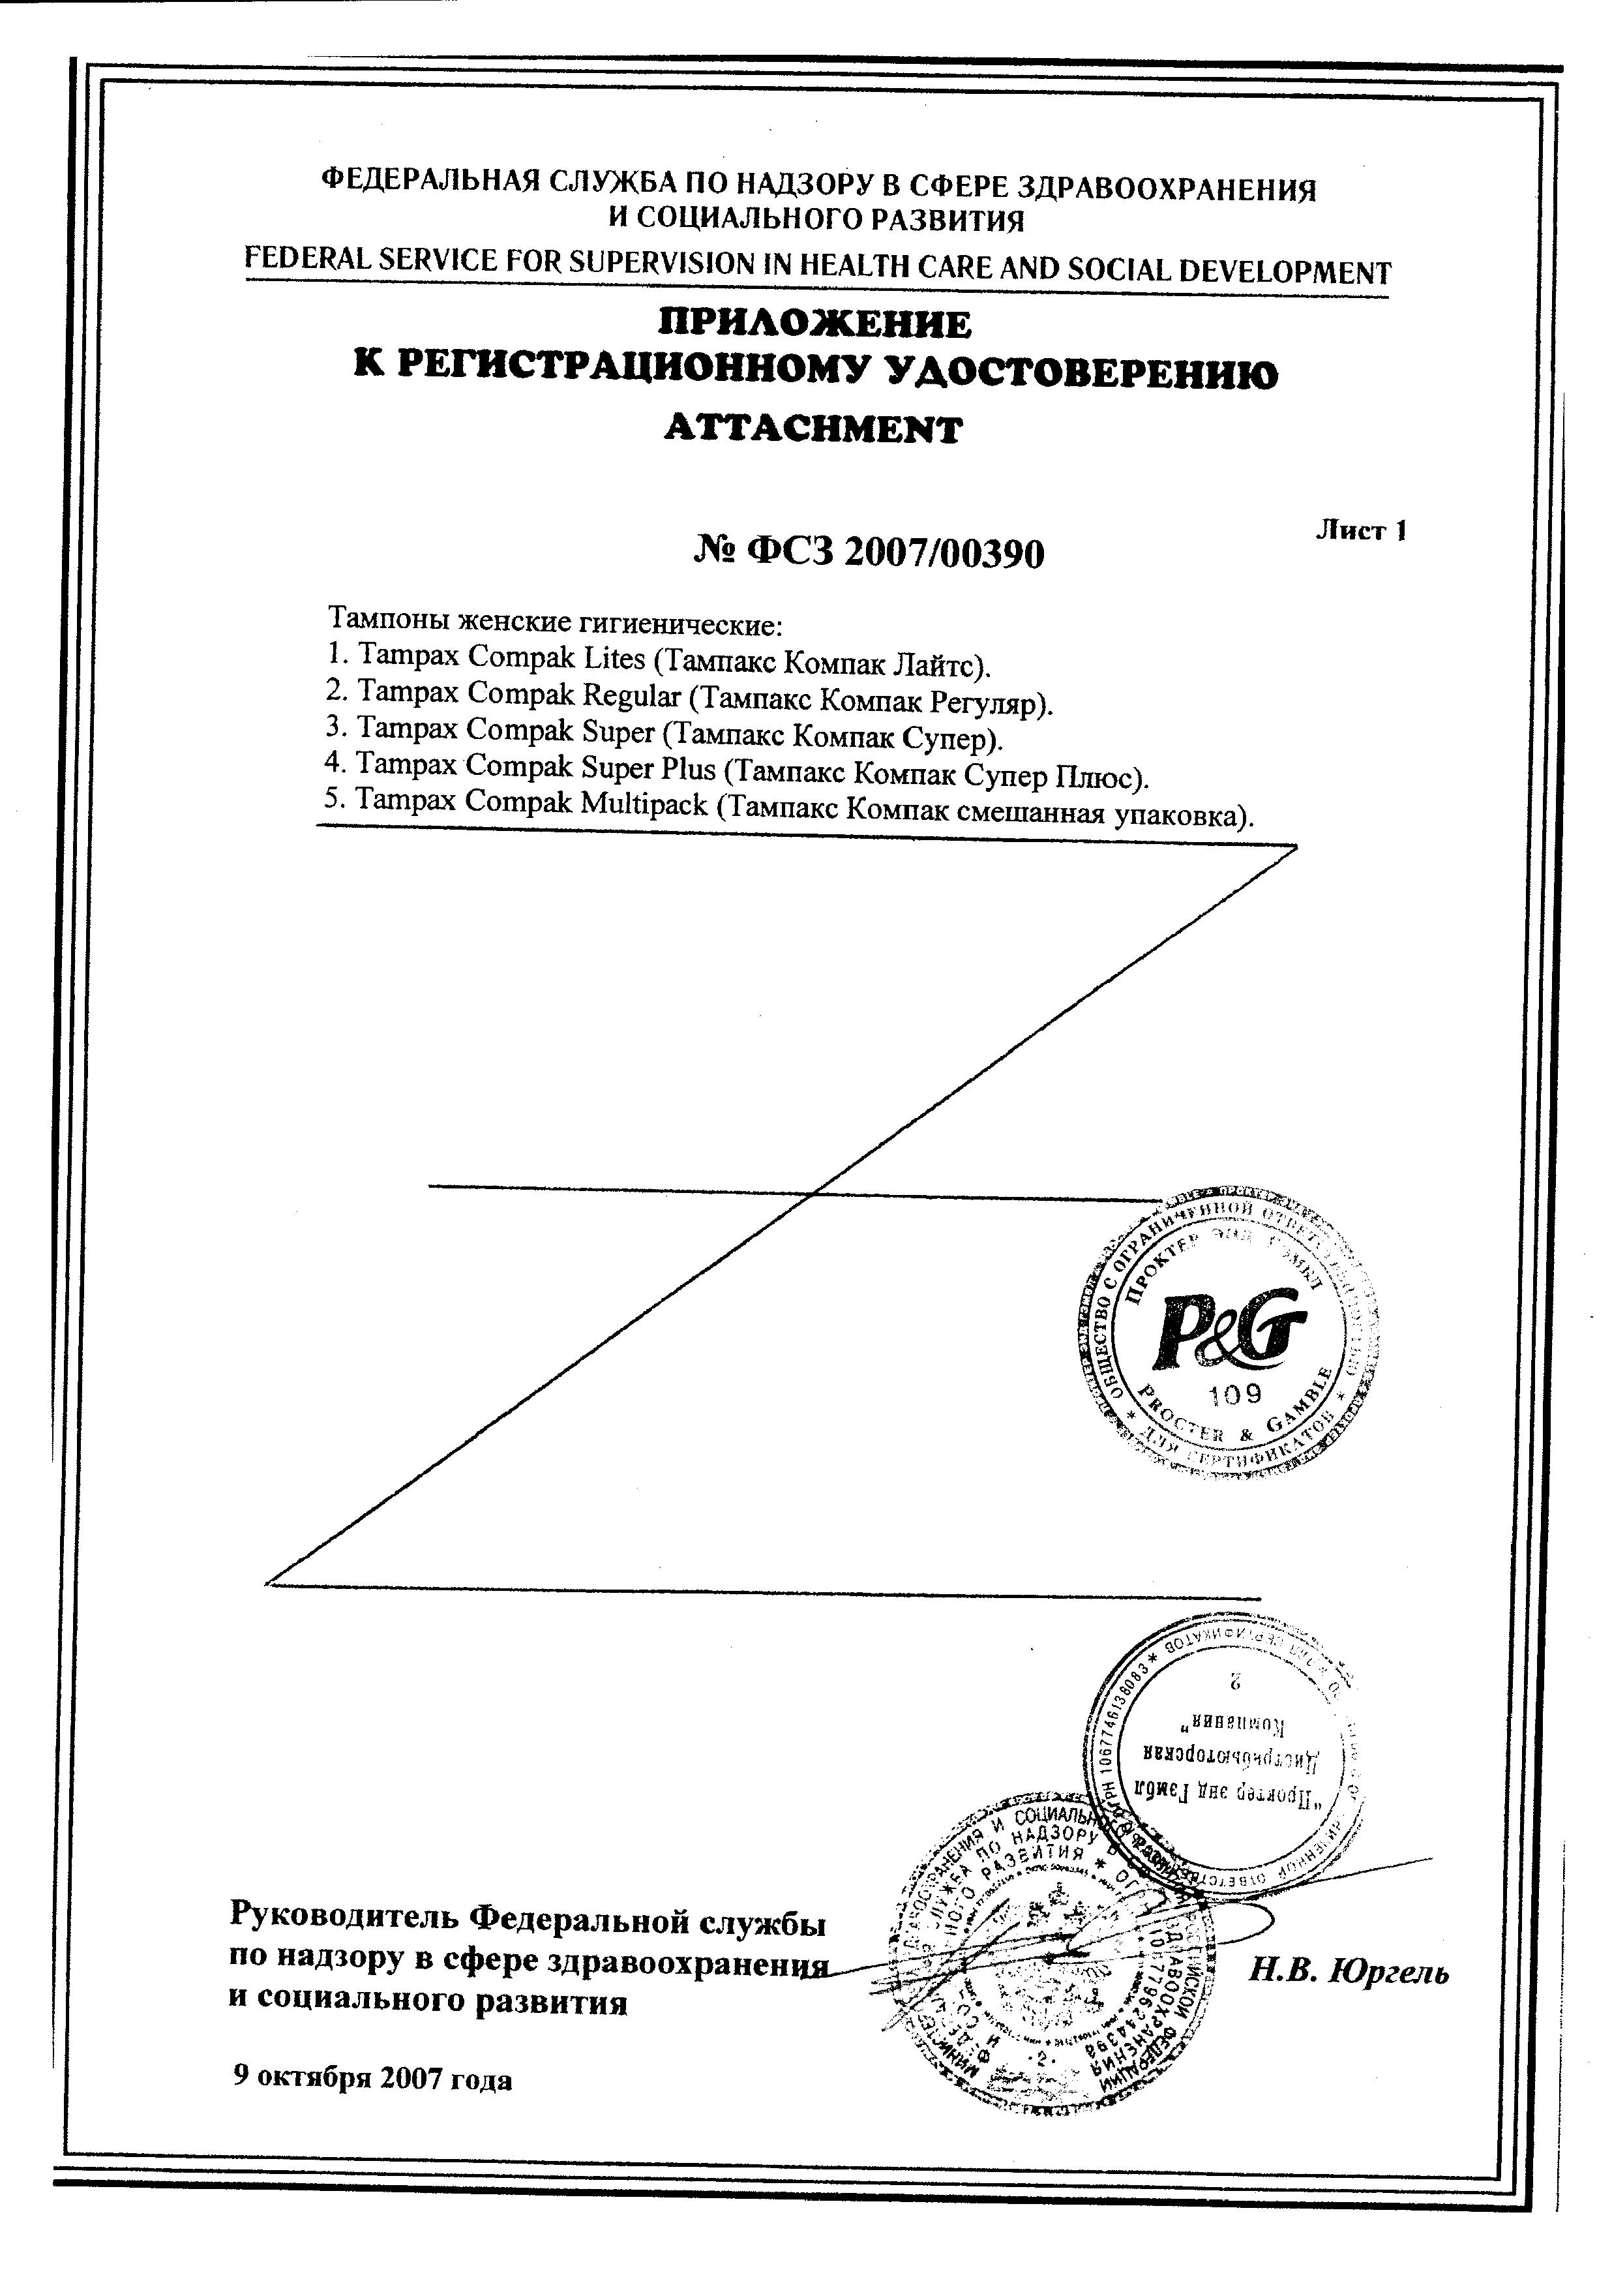 Tampax super plus тампоны женские гигиенические с аппликатором сертификат